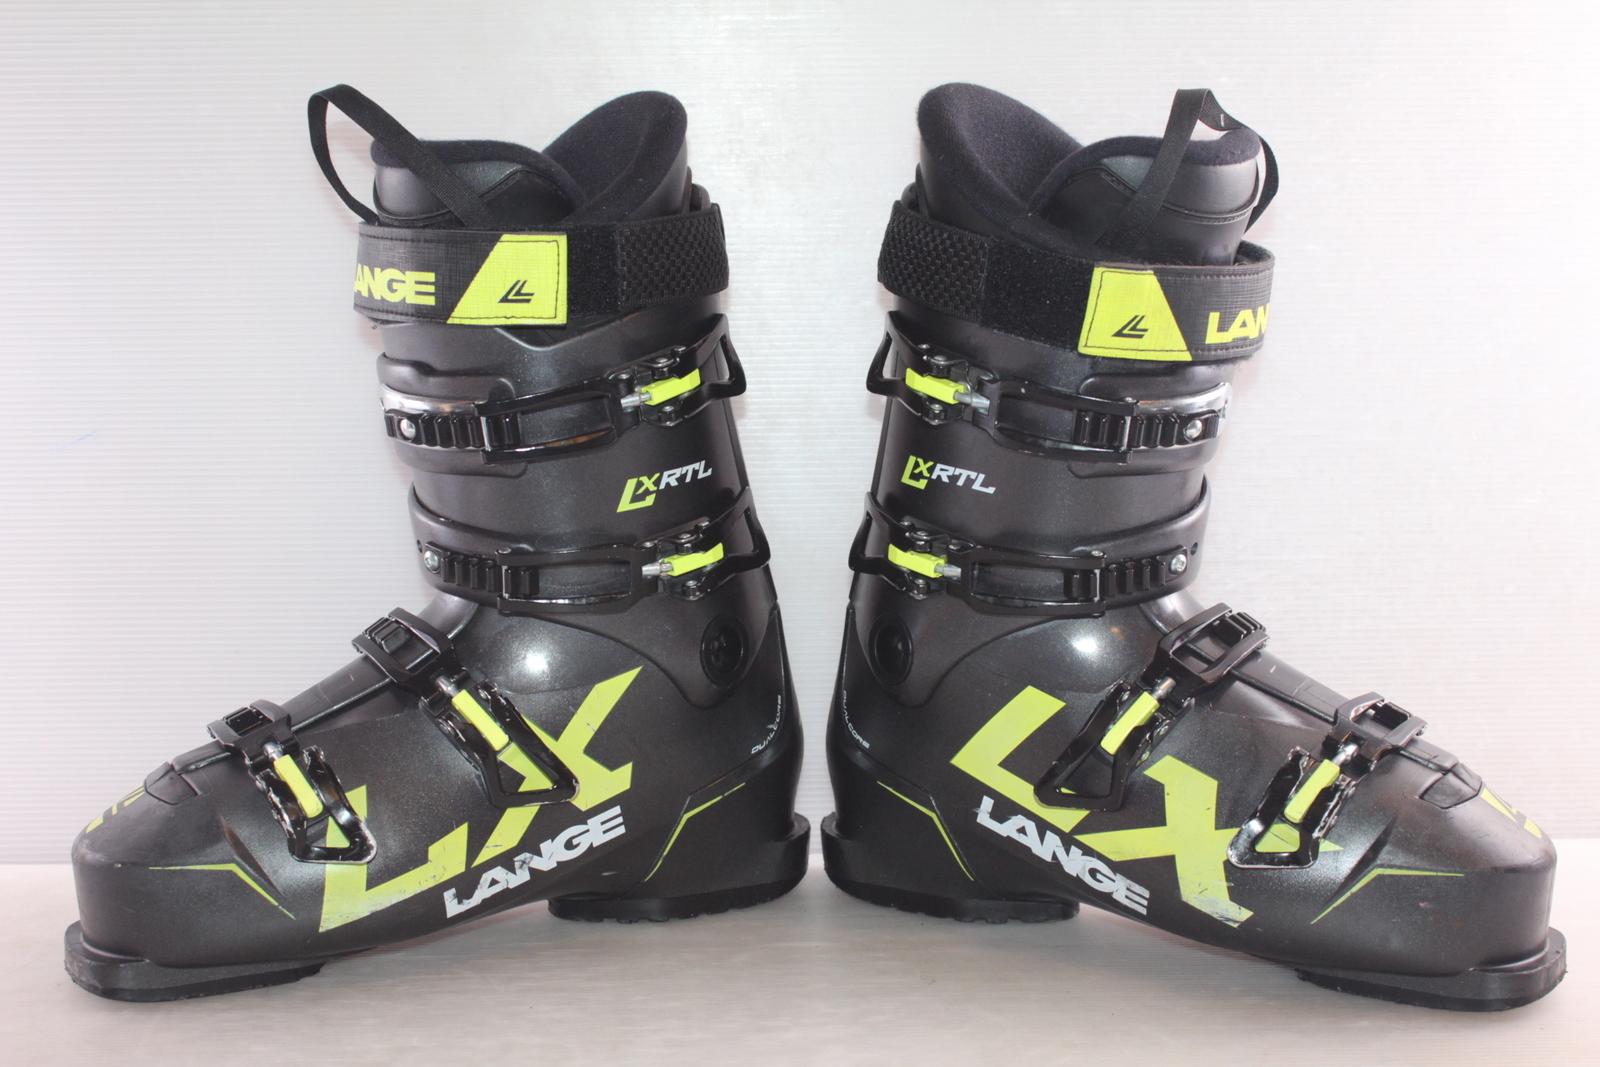 Lyžařské boty Lange LX RTL vel. EU43 flexe 80